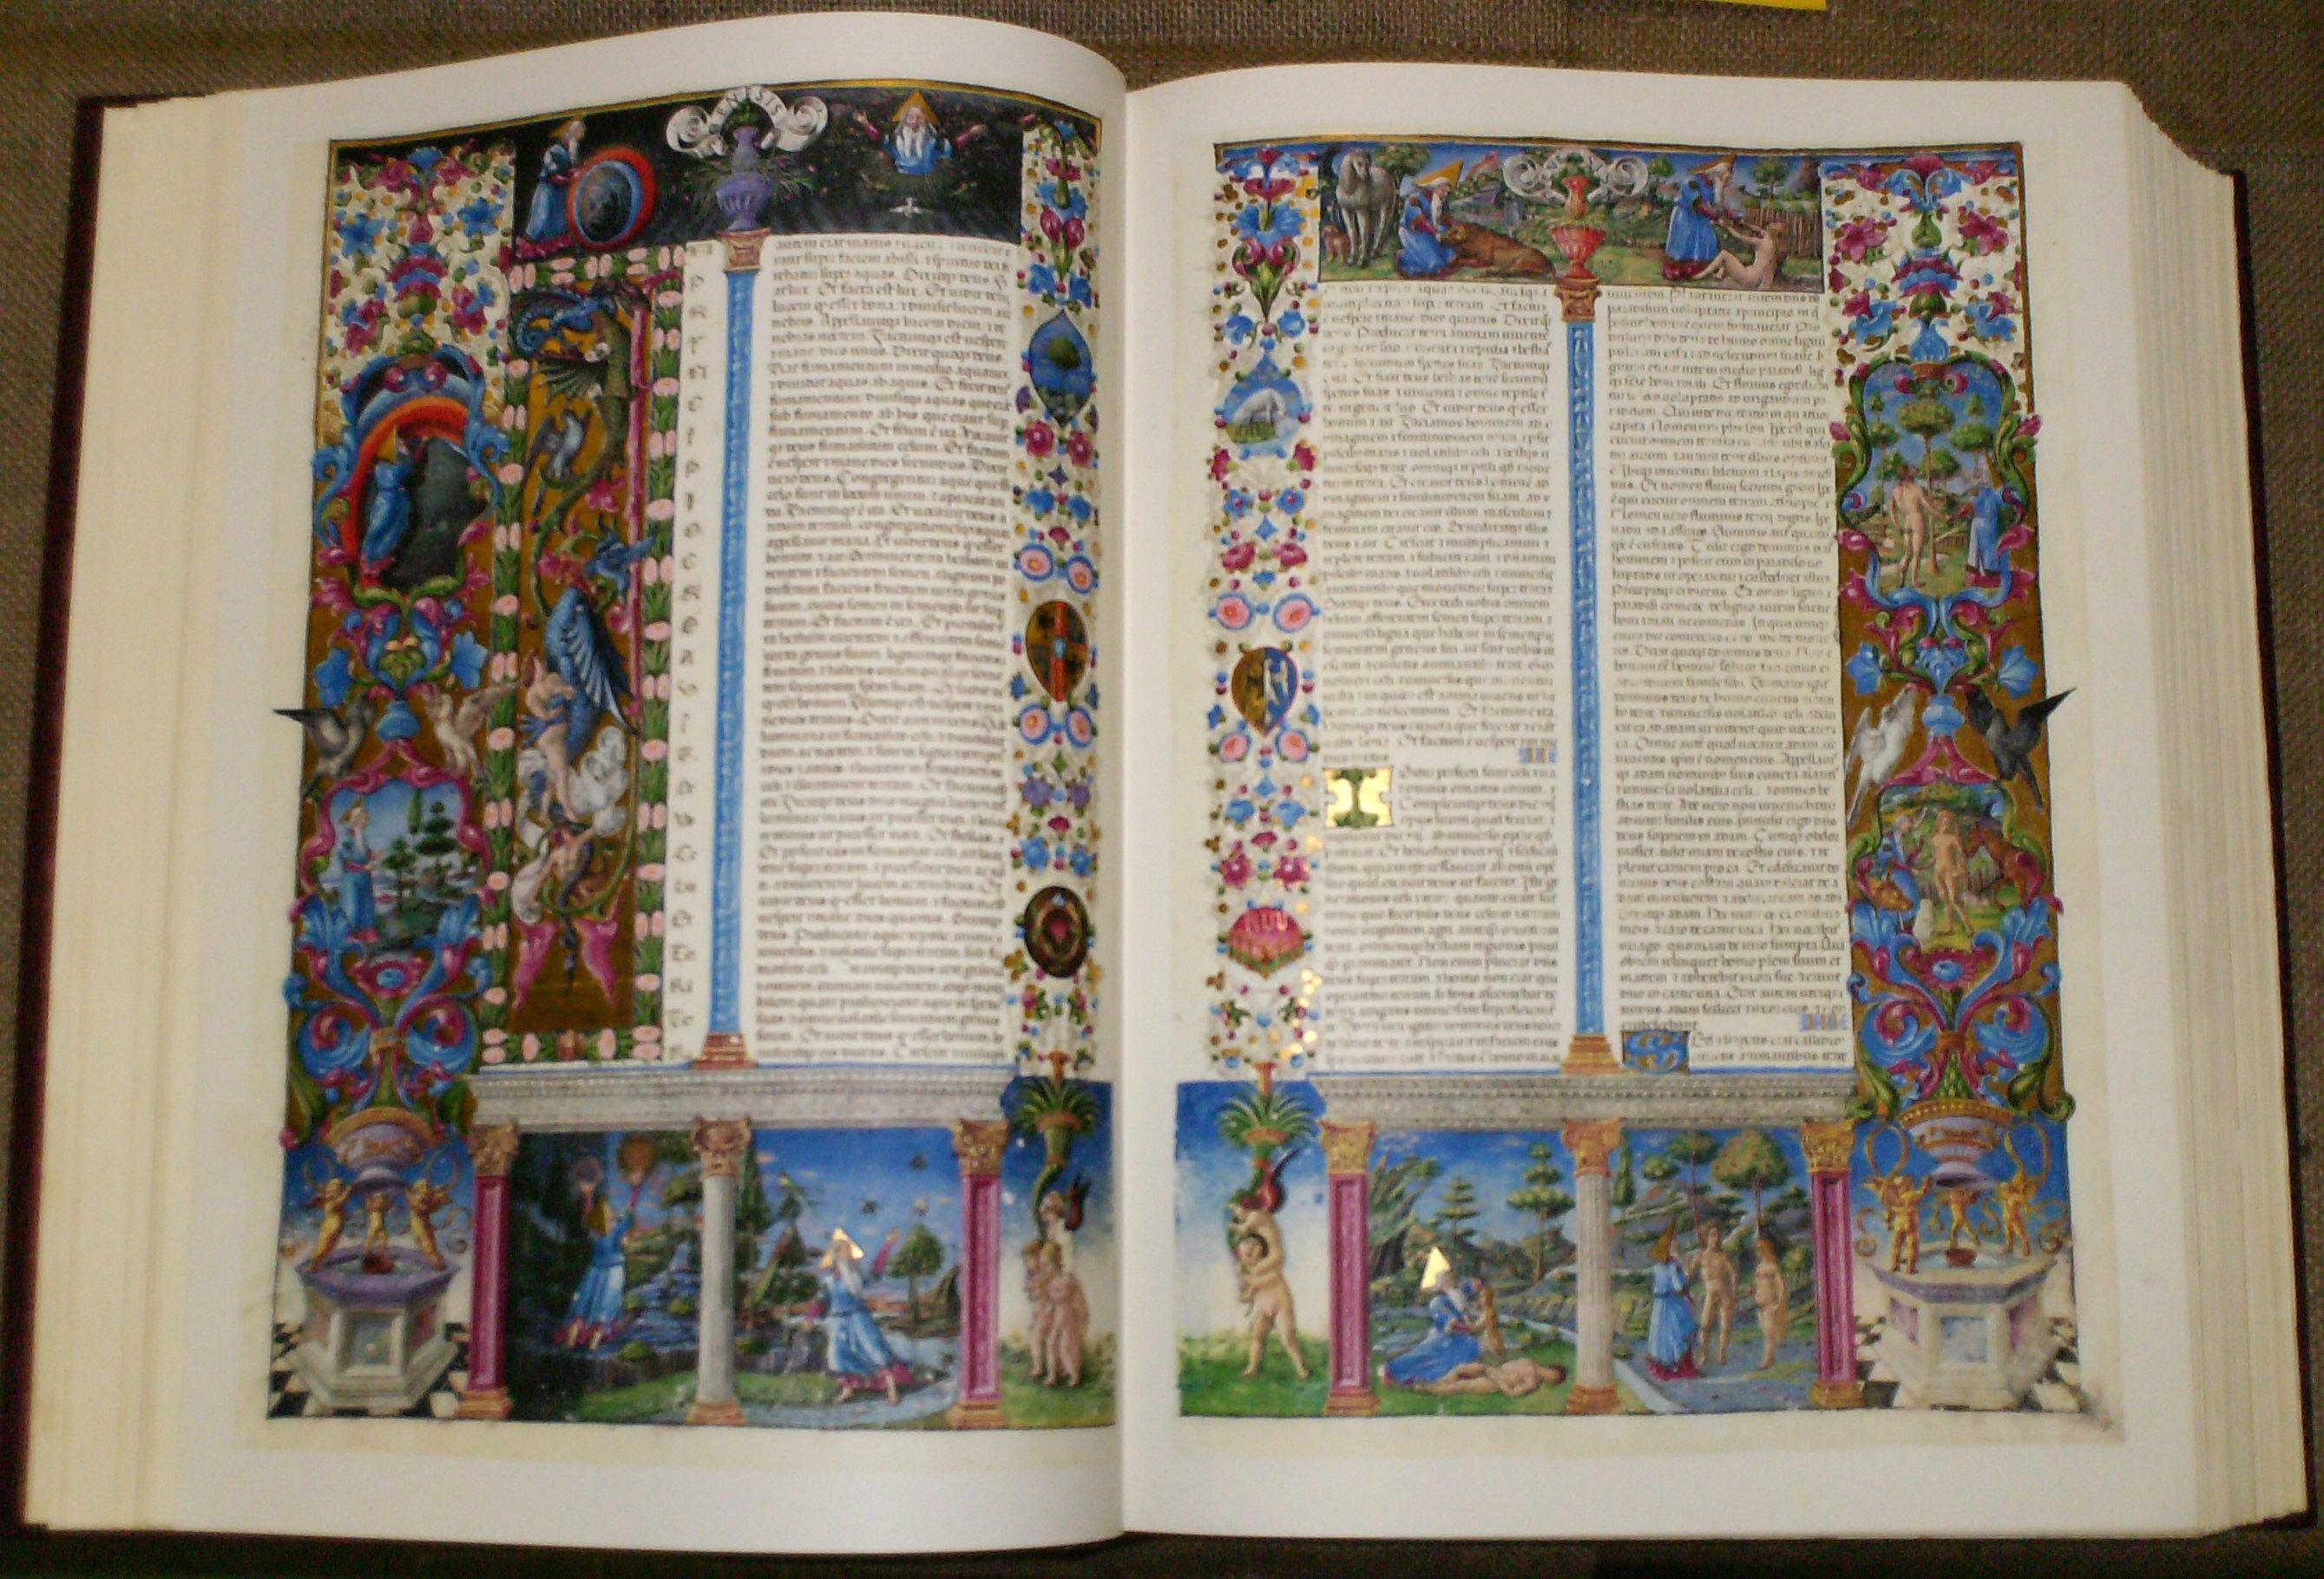 Evangelici in val di susa una presenza significativa - Pagina da colorare di una bibbia ...